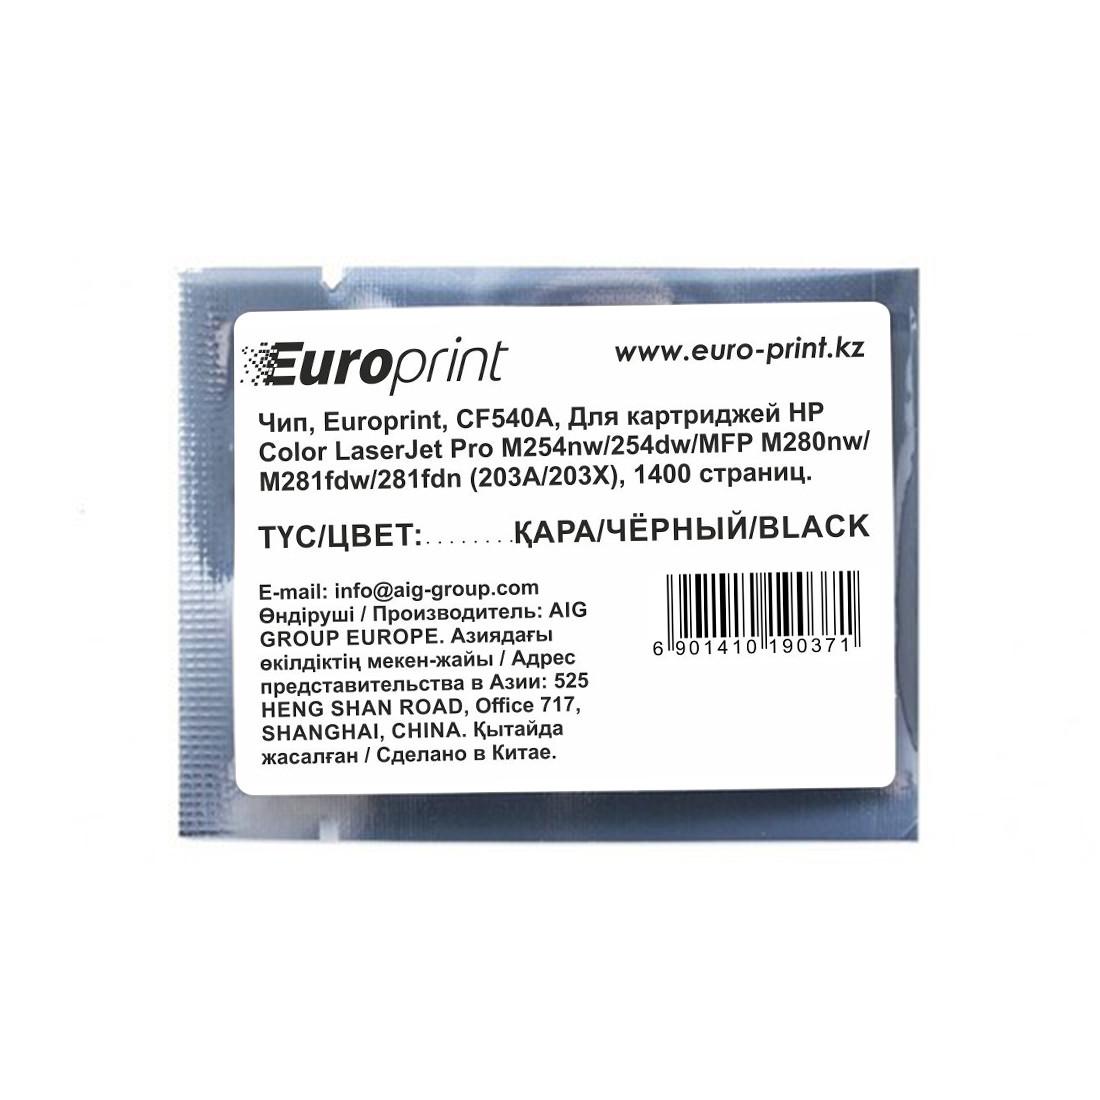 Чип Europrint HP CF540A